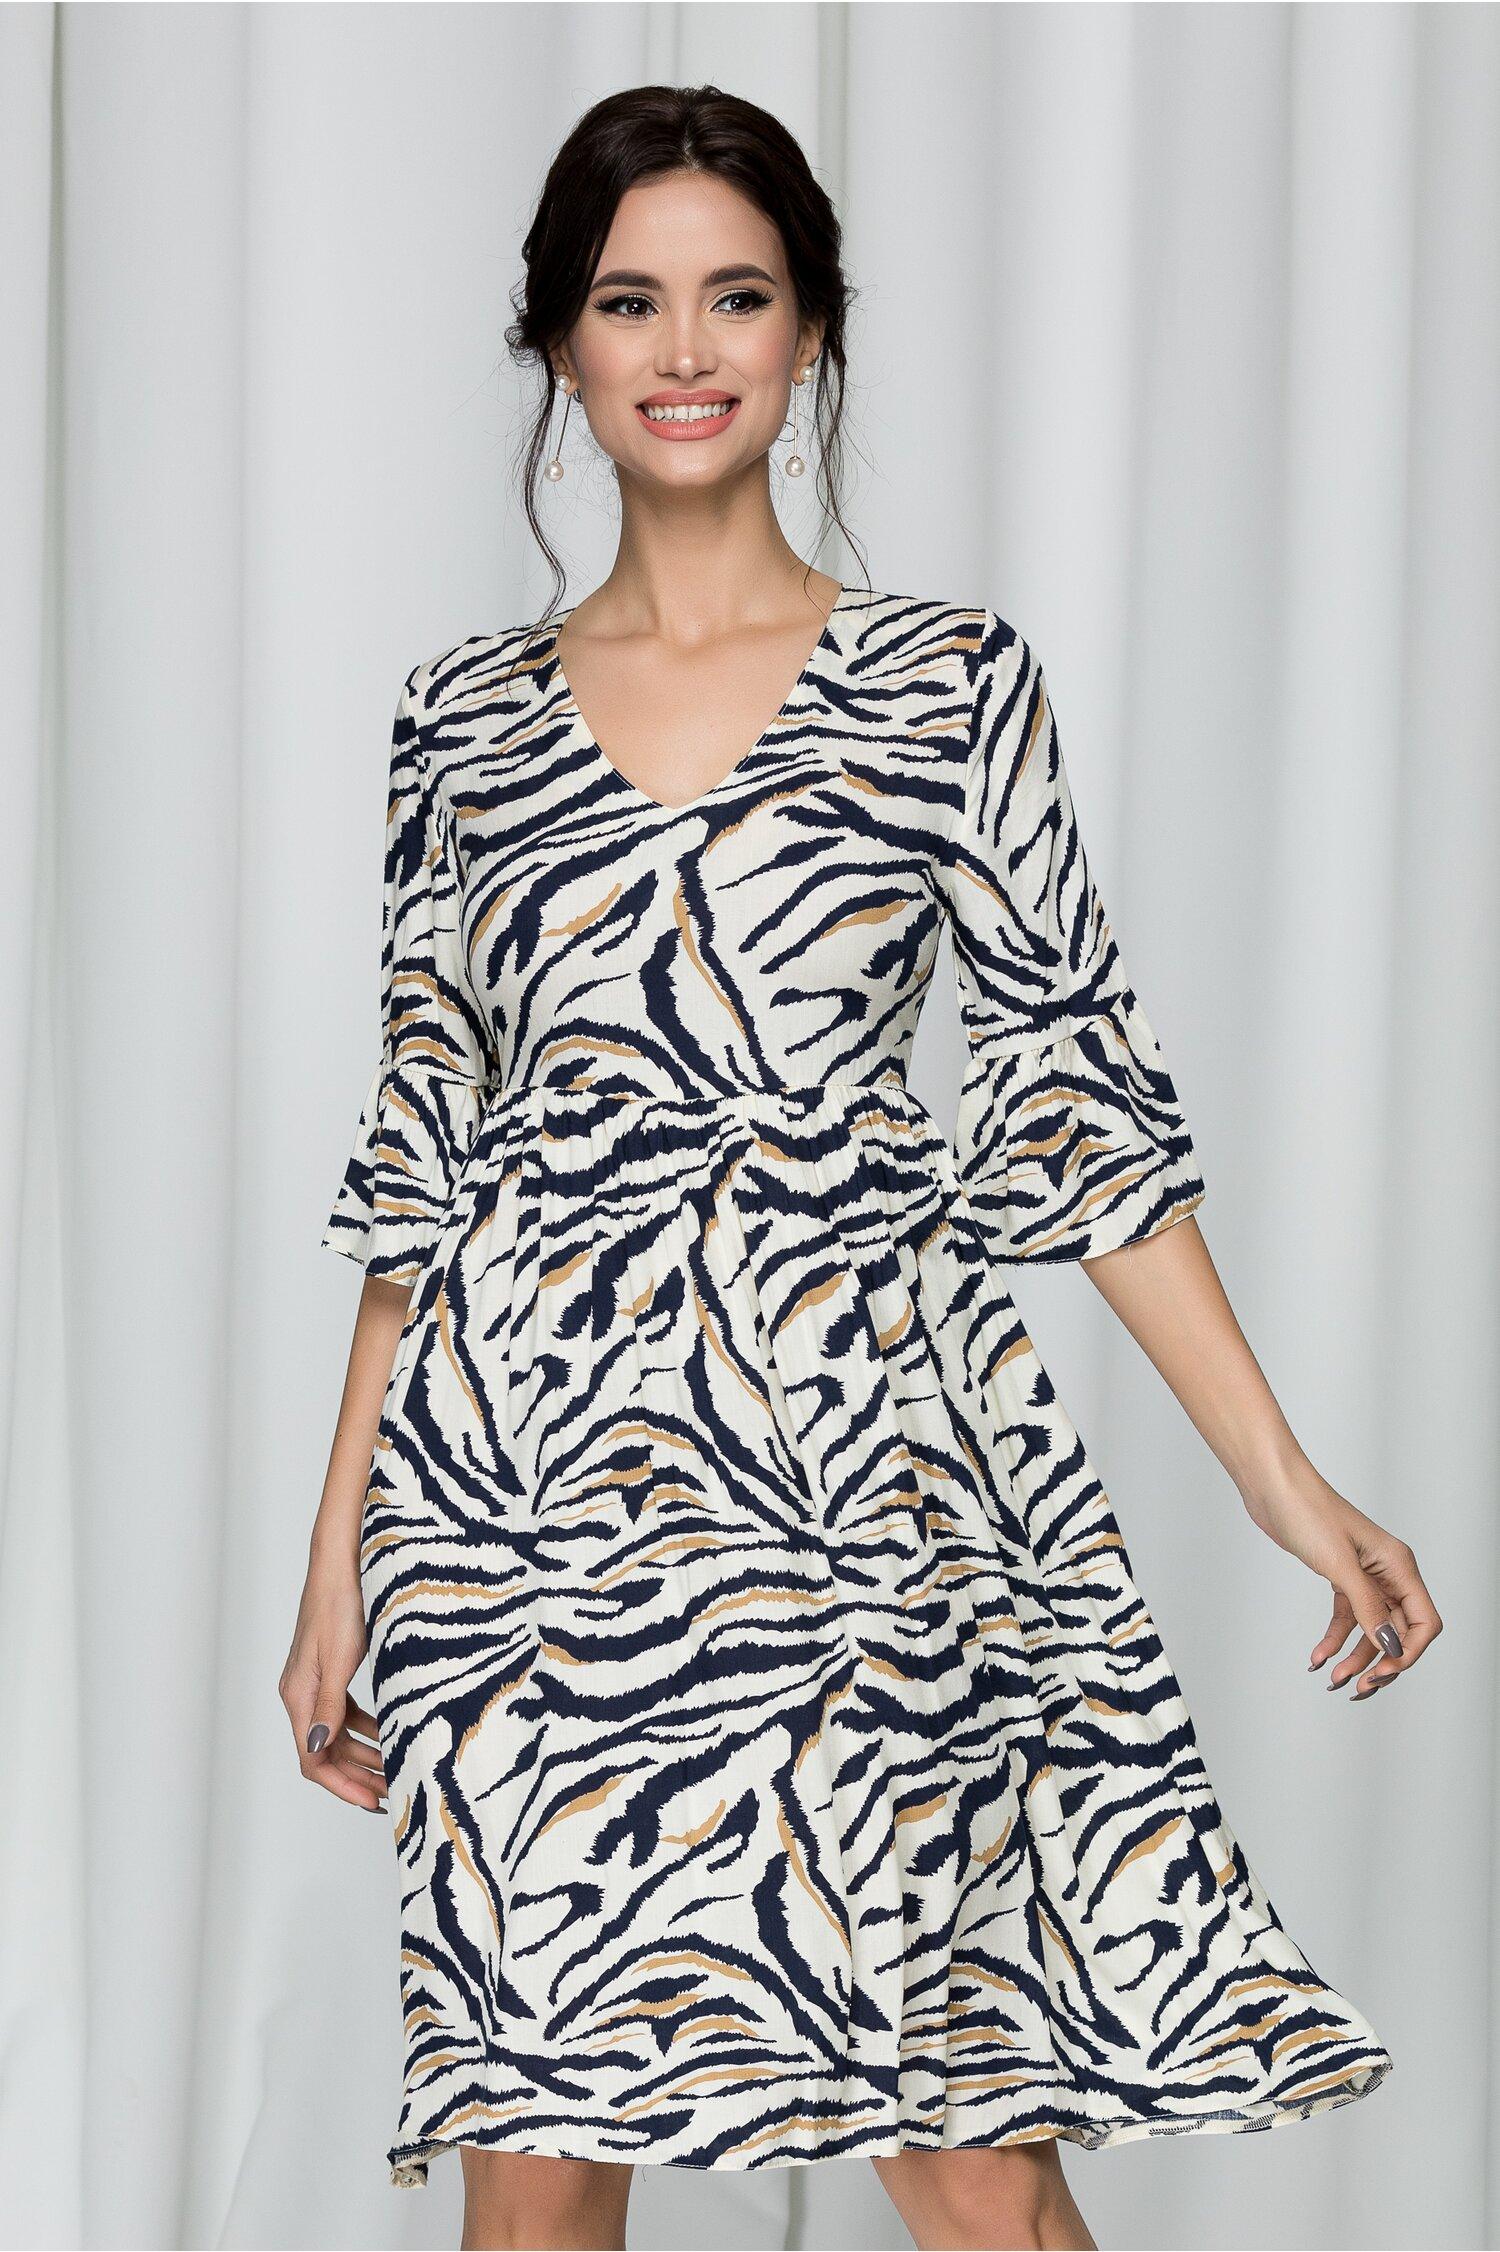 Rochie Emma ivory cu animal print zebra